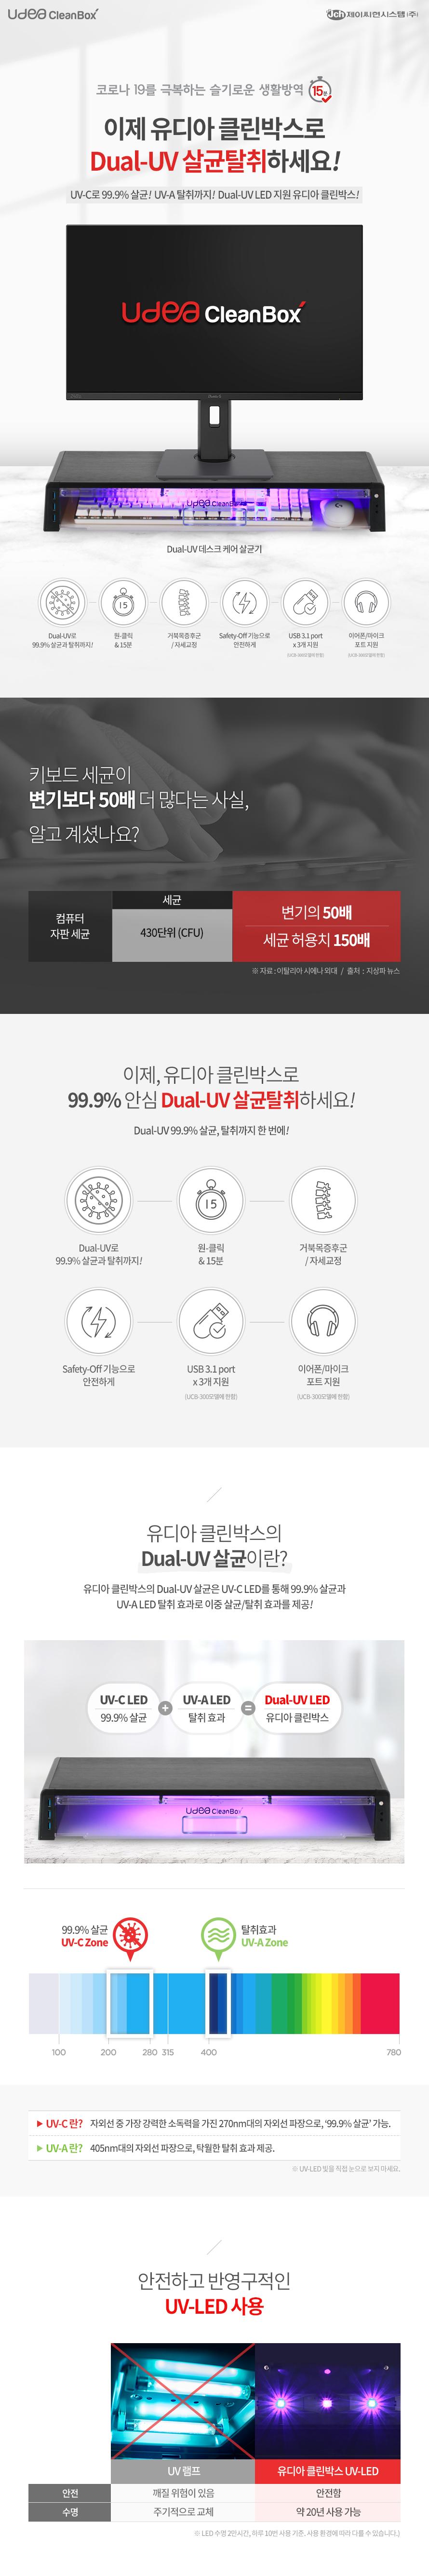 제이씨현 UDEA 클린박스 UCB-300 Dual-UV 살균 모니터 받침대